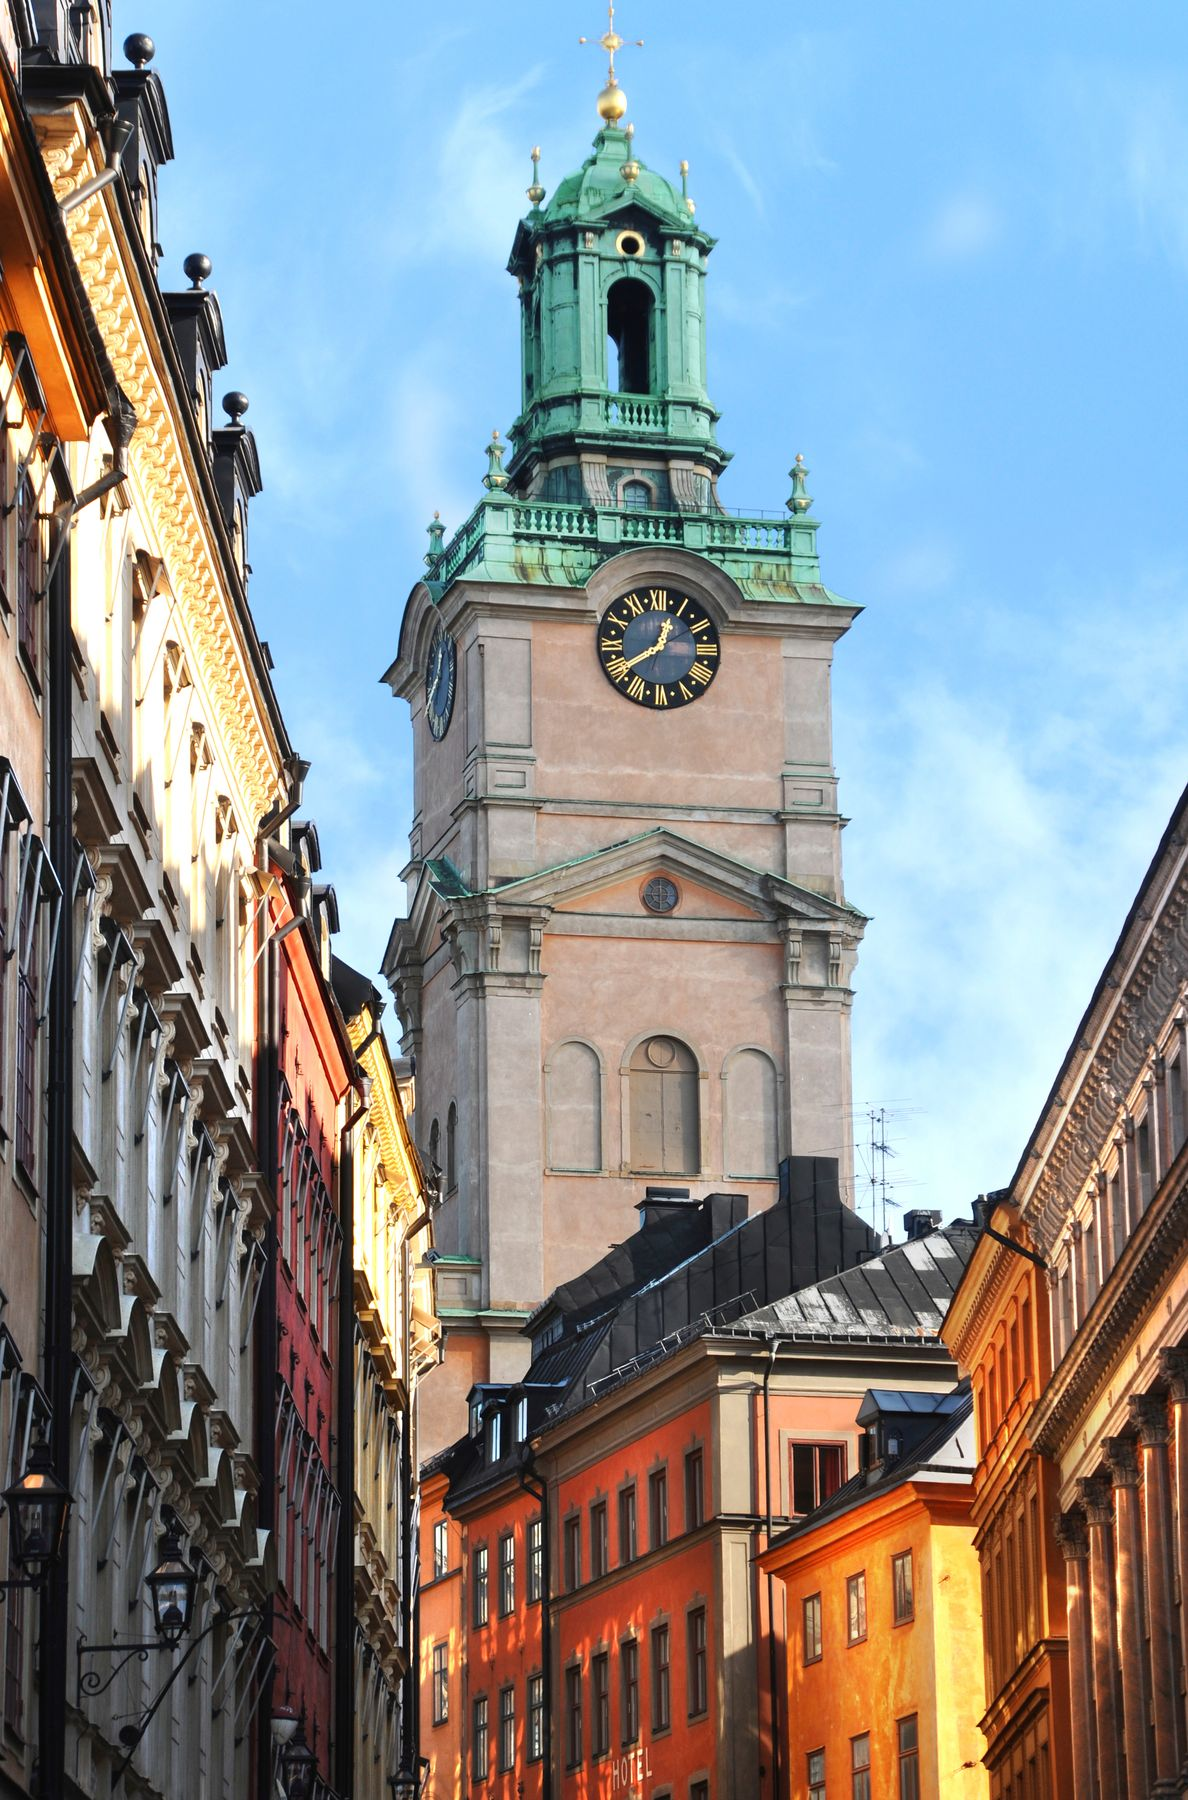 Πύργος με ρολόι στην Παλιά Πόλη της Στοκχόλμης